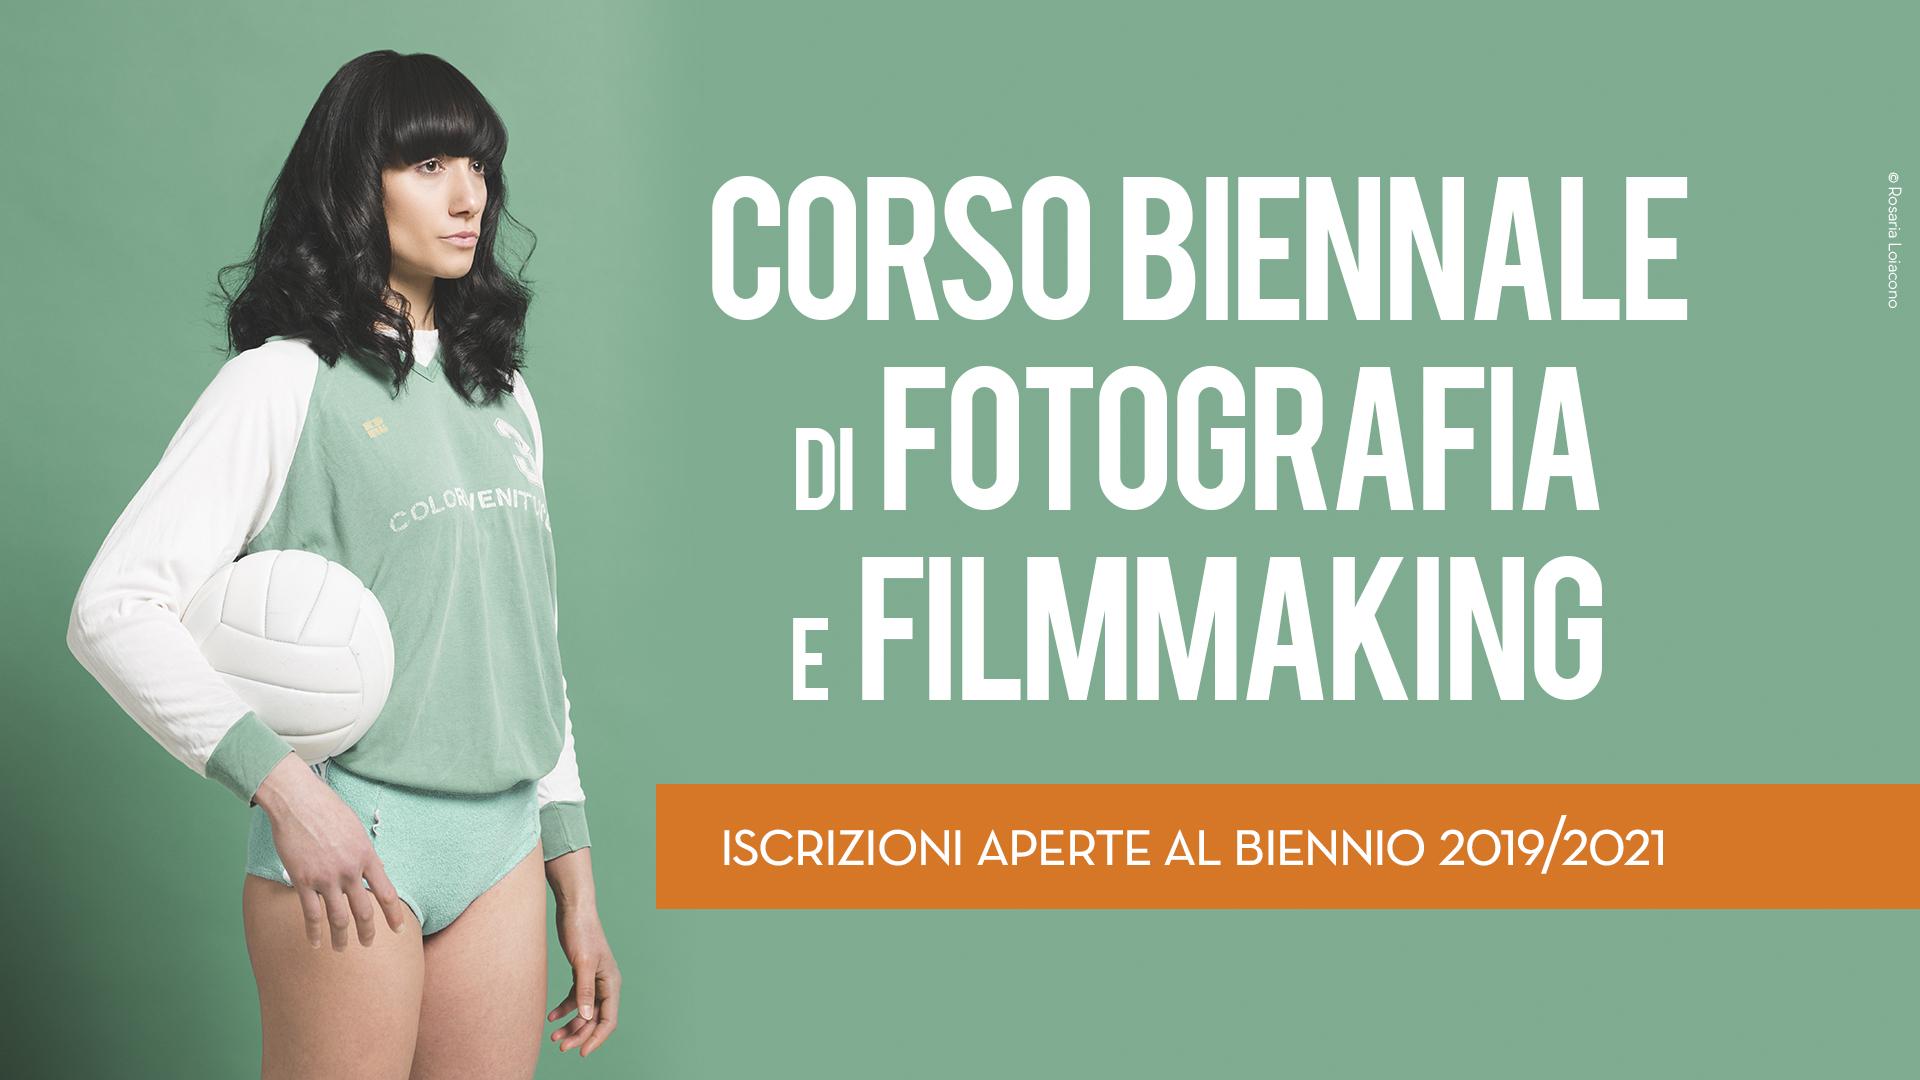 Corso biennale di fotografia e film-making a Bari, Puglia 2019 2020